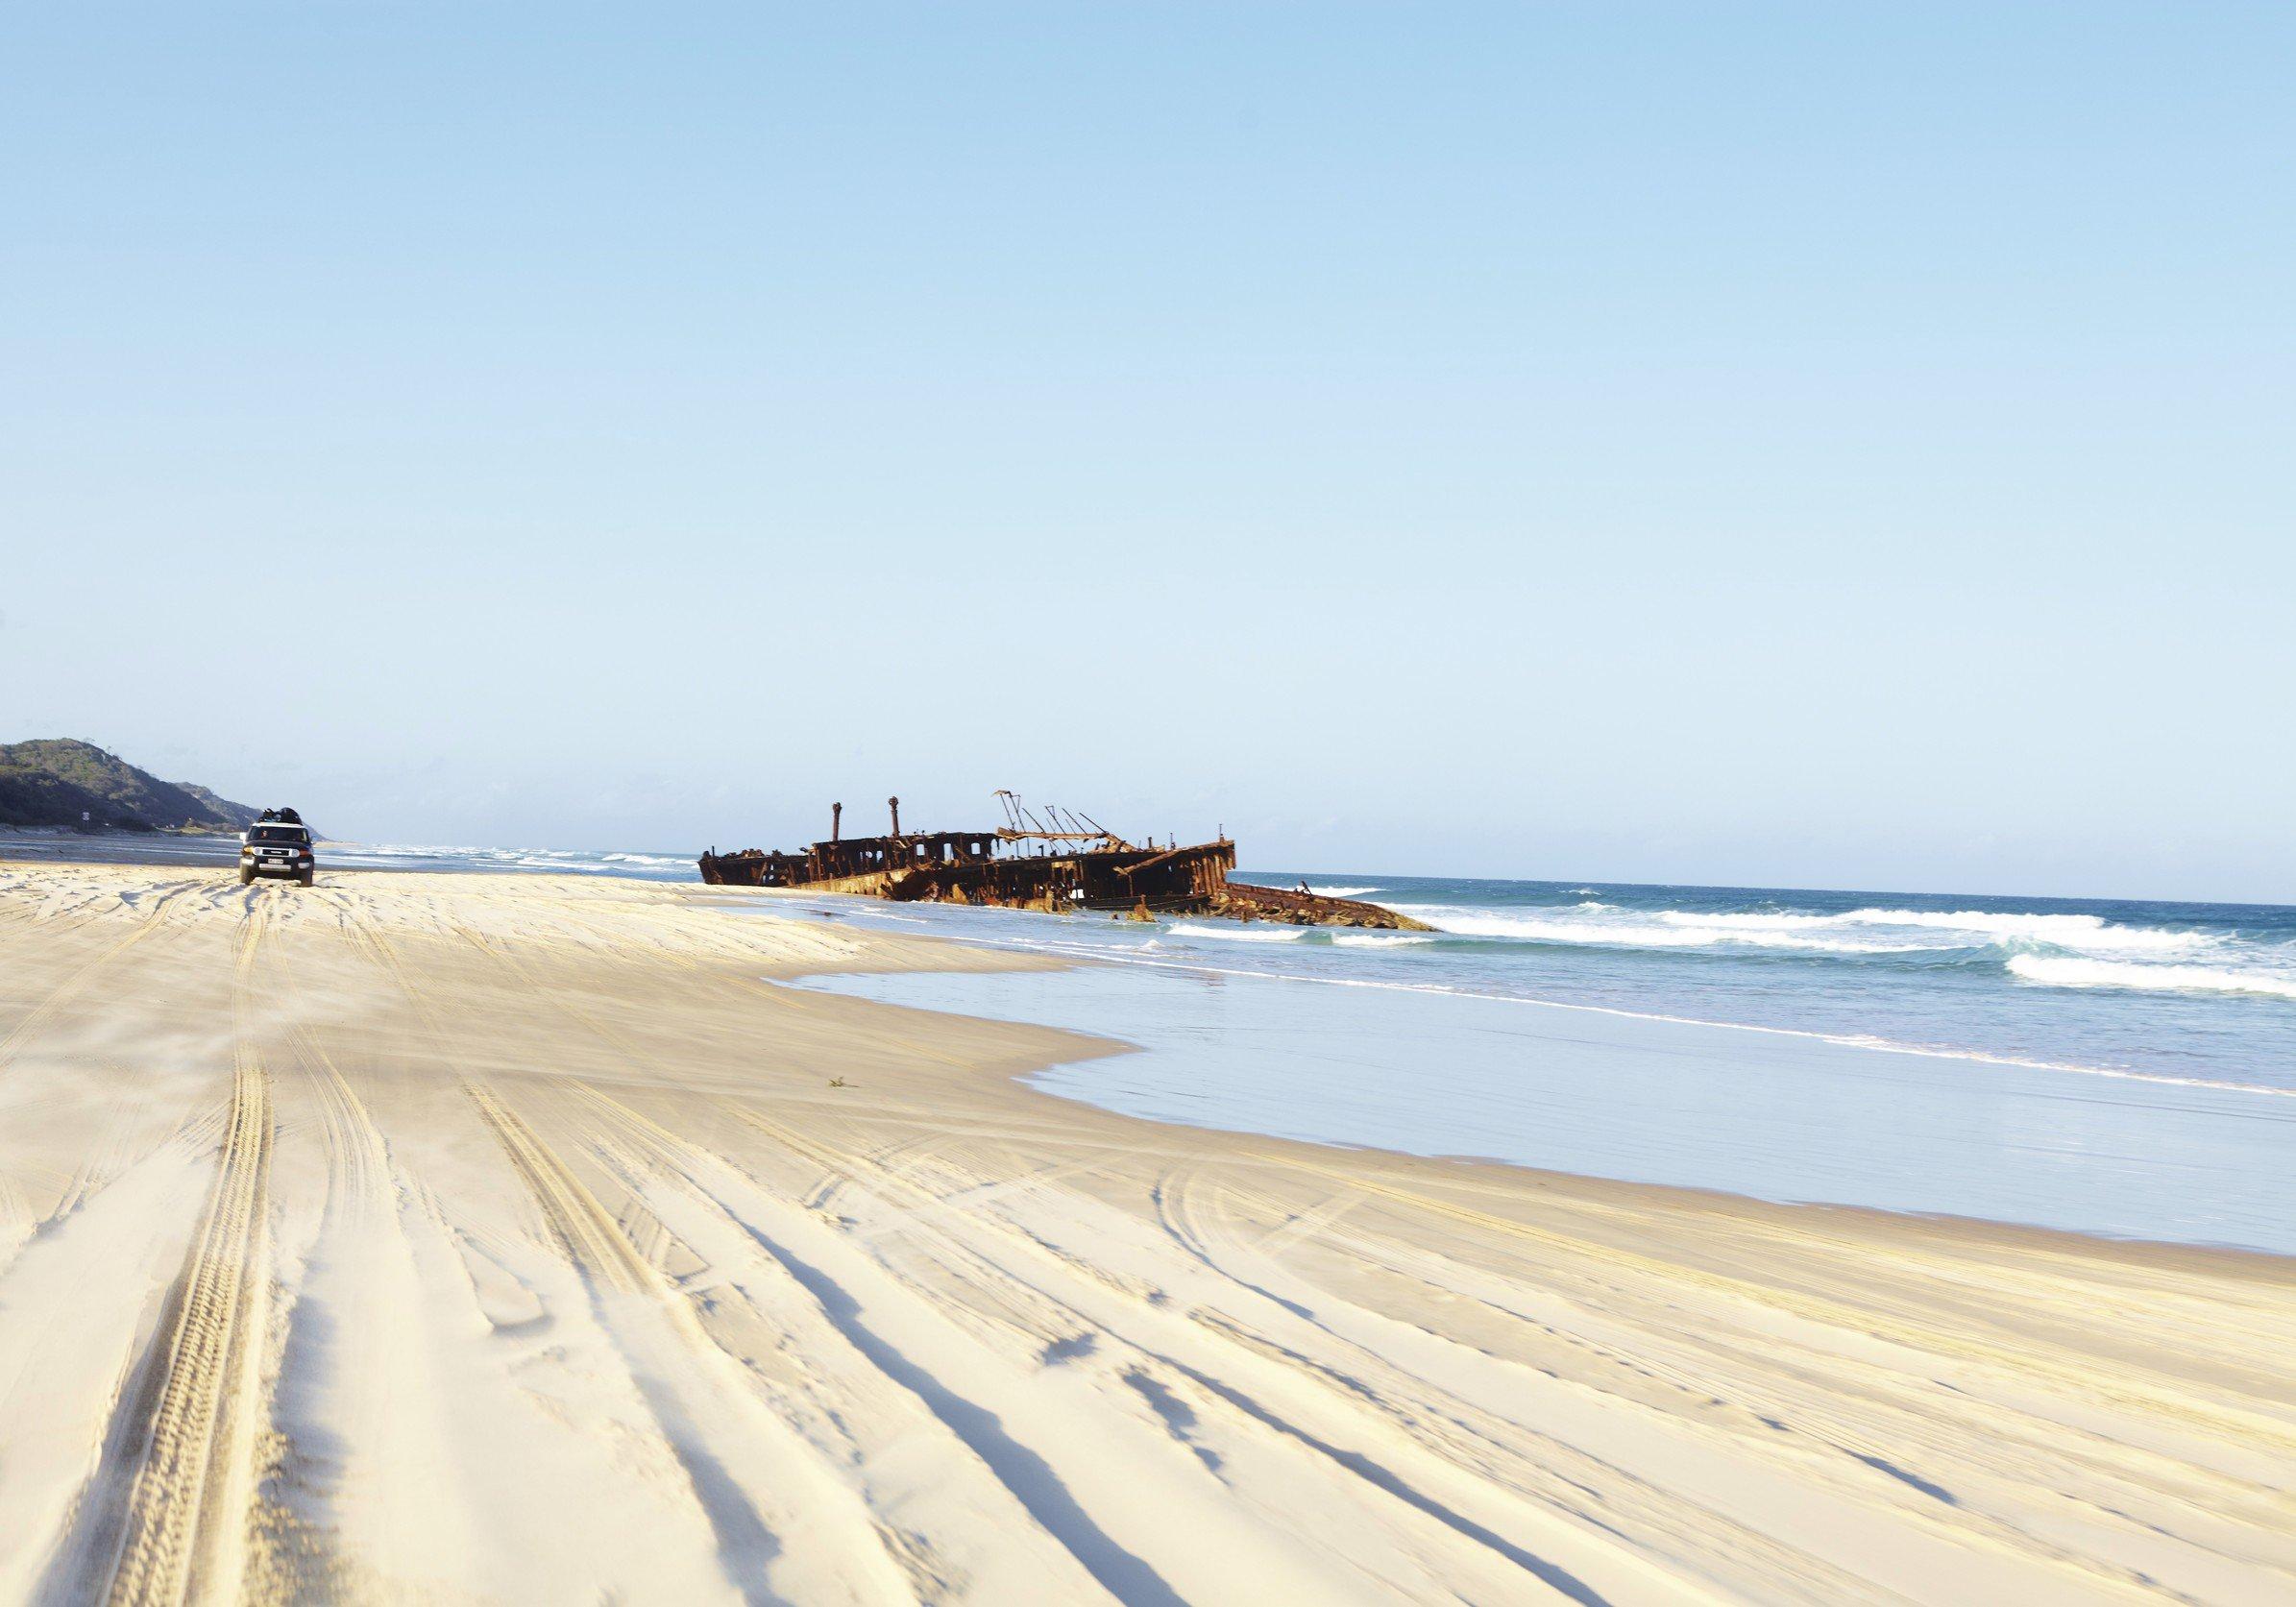 scheepswrak op strand